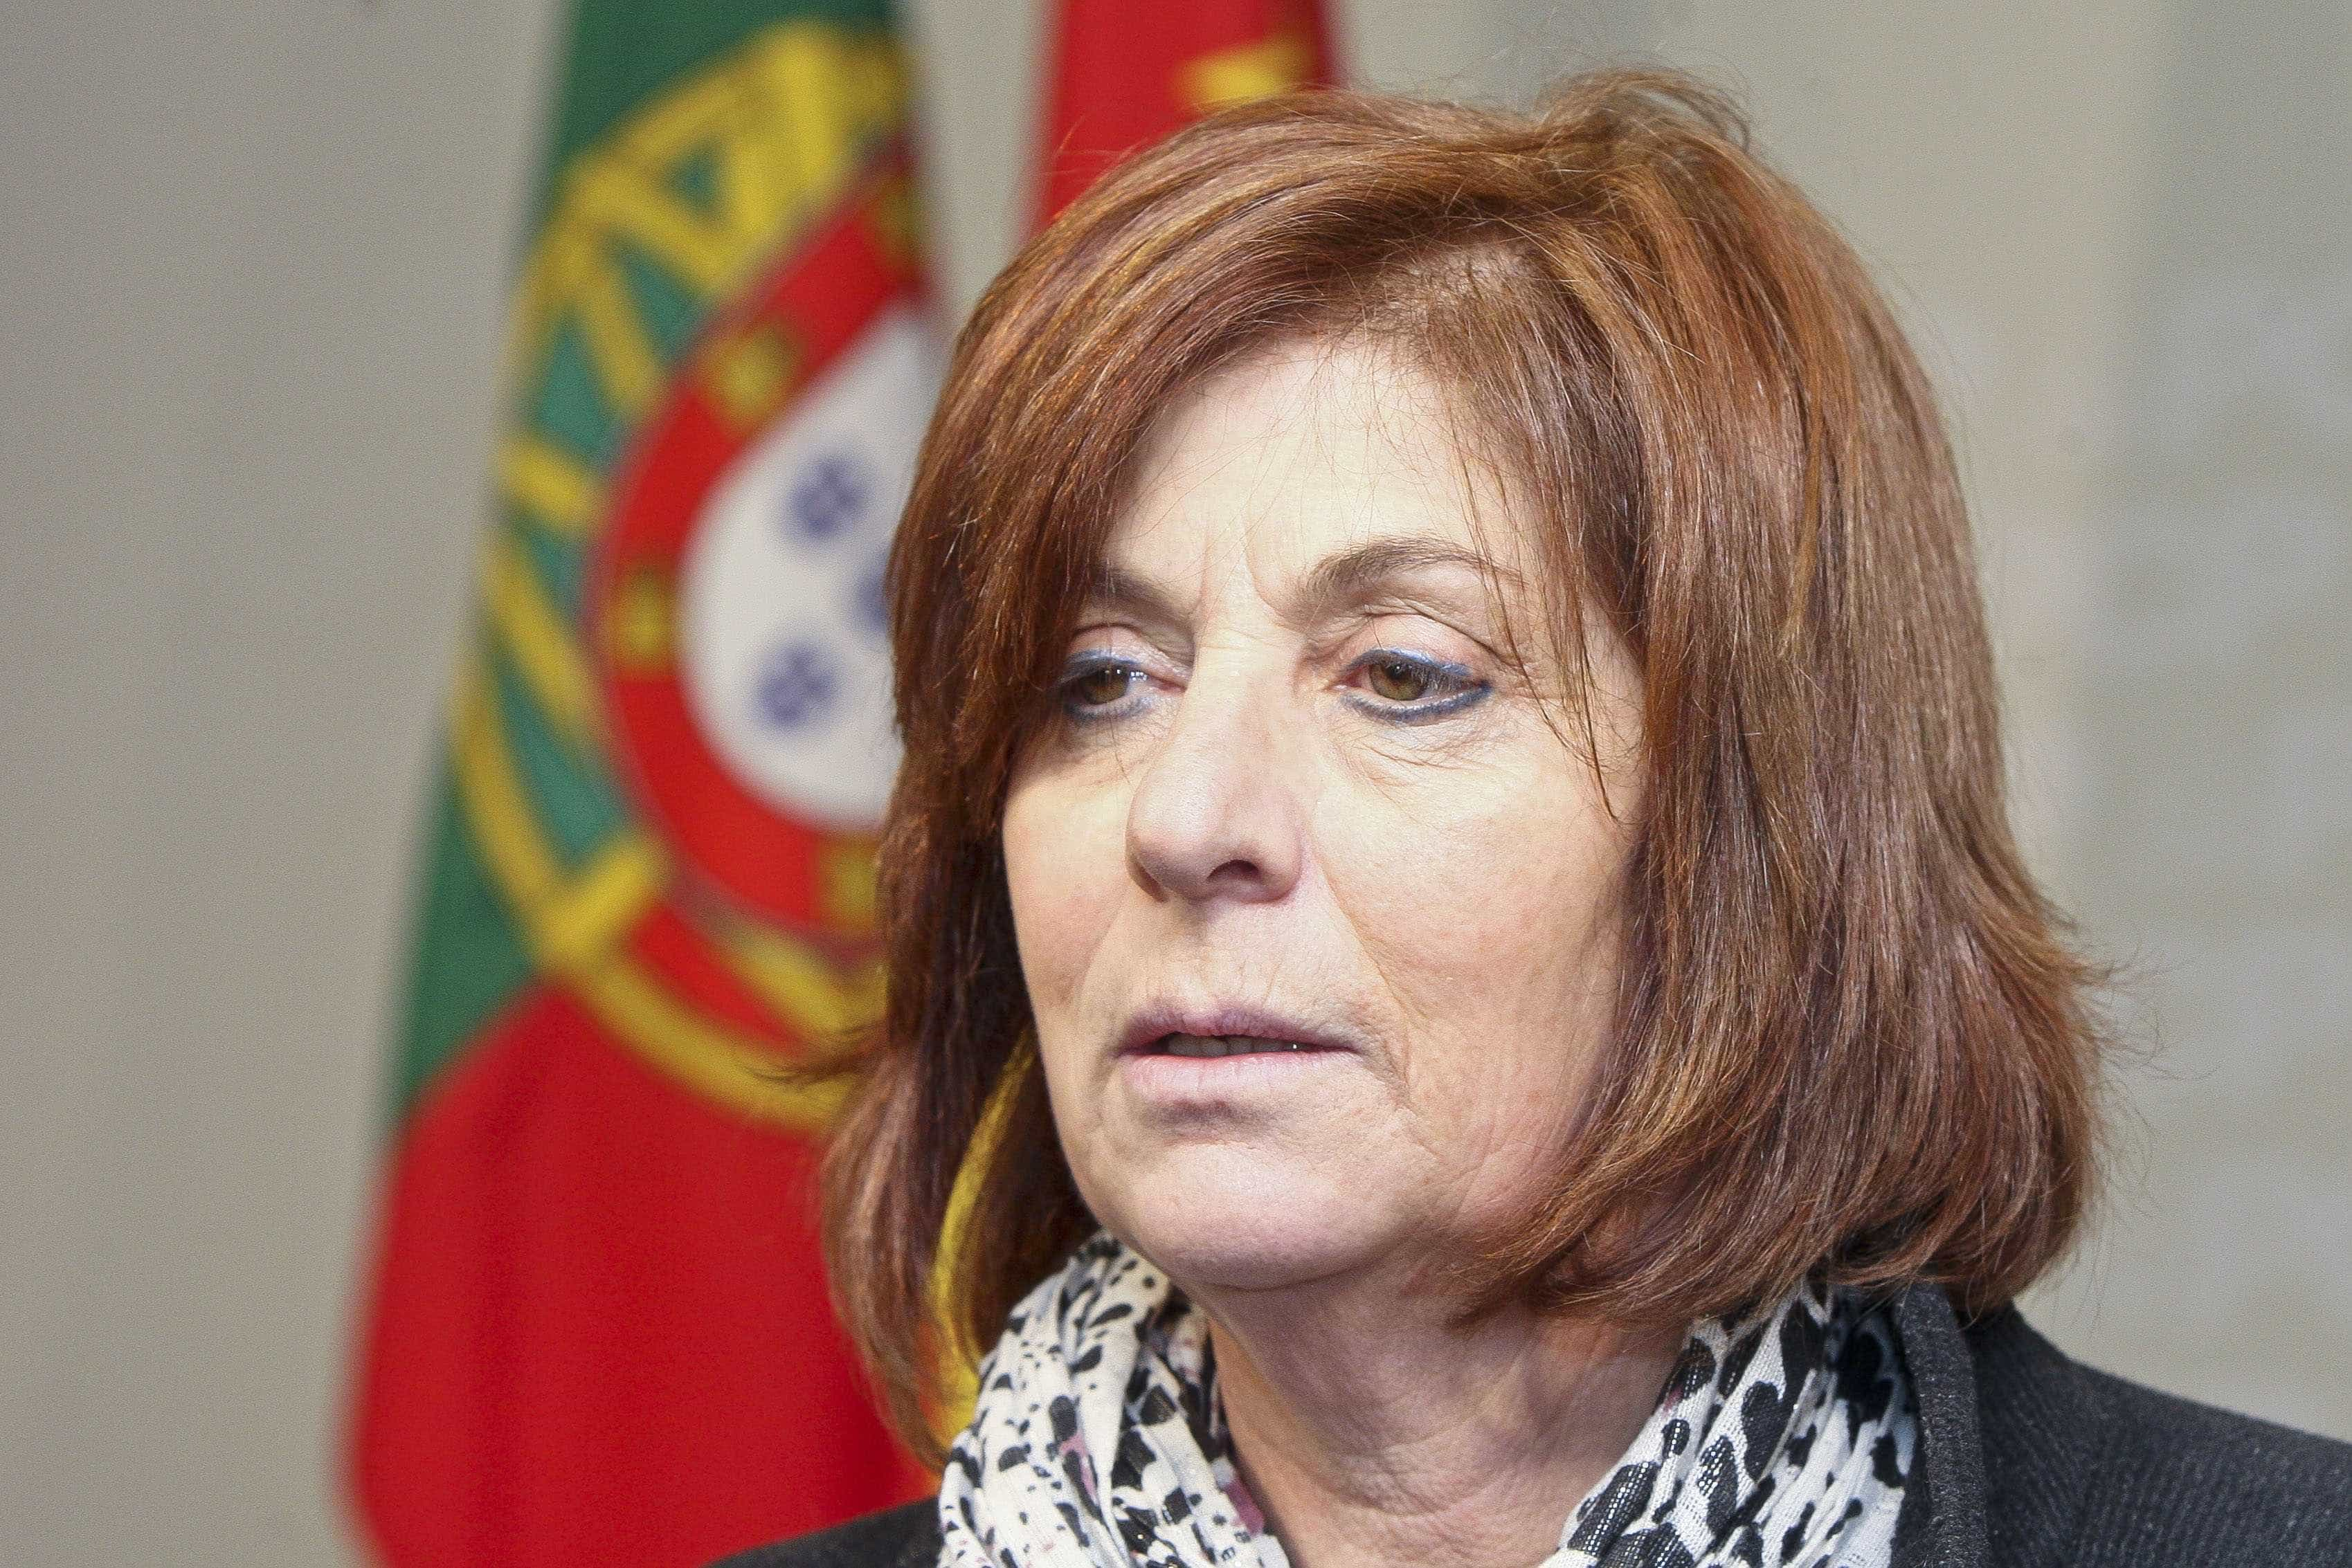 Frente Comum acusa Governo de violar lei da negociação